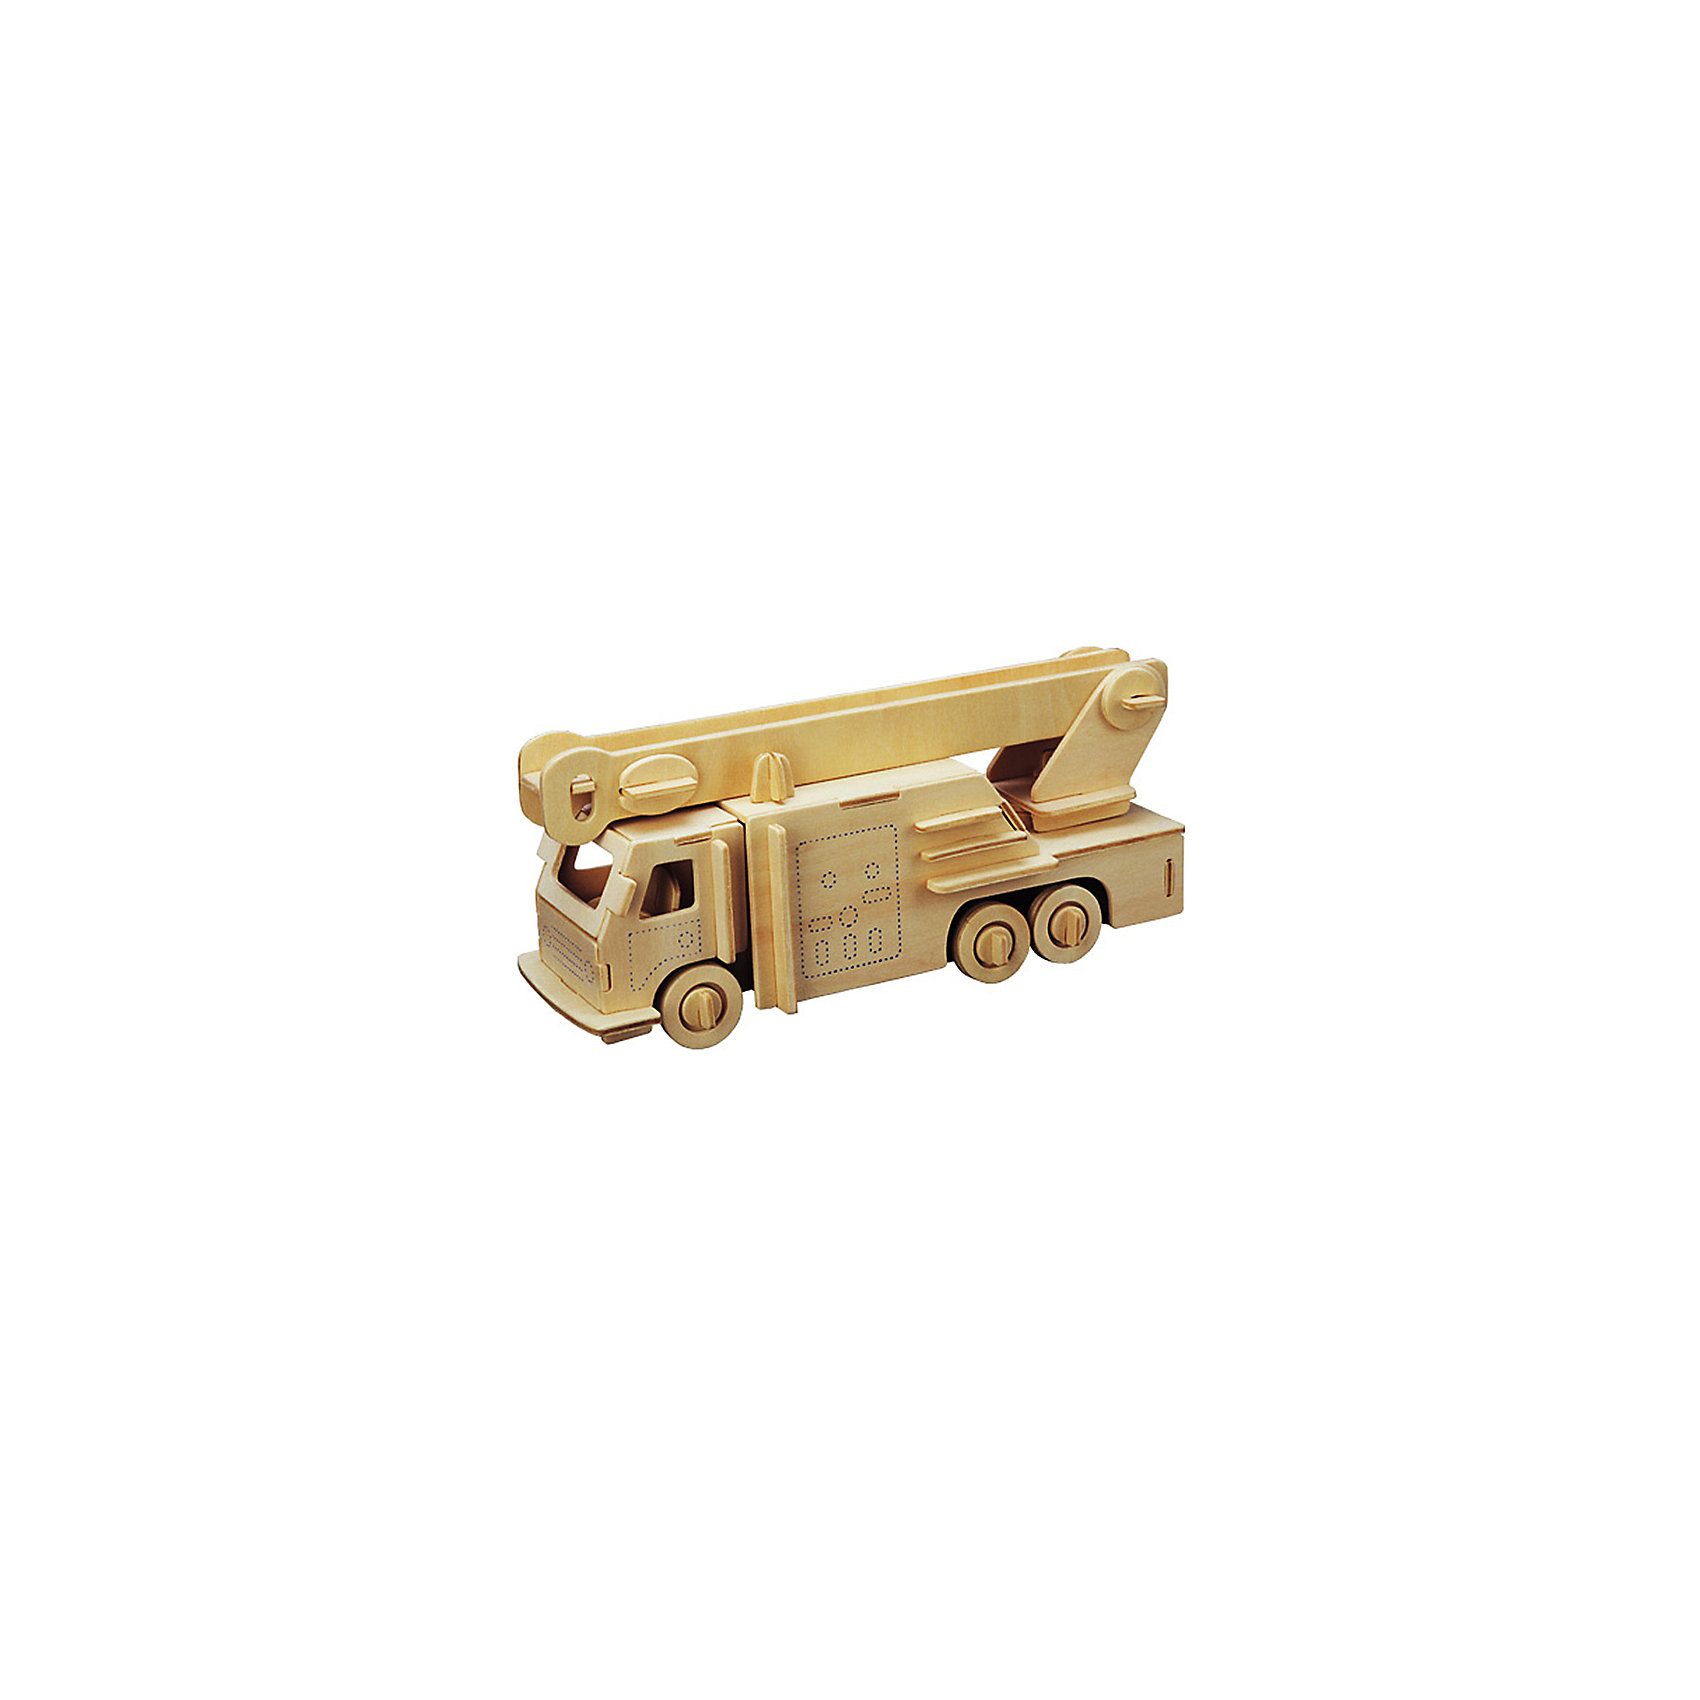 Пожарная машина, Мир деревянных игрушекДеревянные конструкторы<br>Порадовать любящего технику творческого ребенка - легко! Подарите ему этот набор, из которого можно самому сделать красивую деревянную фигуру. Для этого нужно выдавить из пластины с деталями элементы для сборки и соединить их. Из наборов получаются красивые очень реалистичные игрушки, которые могут стать украшением комнаты.<br>Собирая их, ребенок будет развивать пространственное мышление, память и мелкую моторику. А раскрашивая готовое произведение, дети научатся подбирать цвета и будут развивать художественные навыки. Этот набор произведен из качественных и безопасных для детей материалов - дерево тщательно обработано.<br><br>Дополнительная информация:<br><br>материал: дерево;<br>цвет: бежевый;<br>элементы: пластины с деталями для сборки, схема сборки;<br>размер упаковки: 23 х 37 см.<br><br>3D-пазл Пожарная машина от бренда Мир деревянных игрушек можно купить в нашем магазине.<br><br>Ширина мм: 350<br>Глубина мм: 50<br>Высота мм: 225<br>Вес г: 350<br>Возраст от месяцев: 36<br>Возраст до месяцев: 144<br>Пол: Мужской<br>Возраст: Детский<br>SKU: 4969194